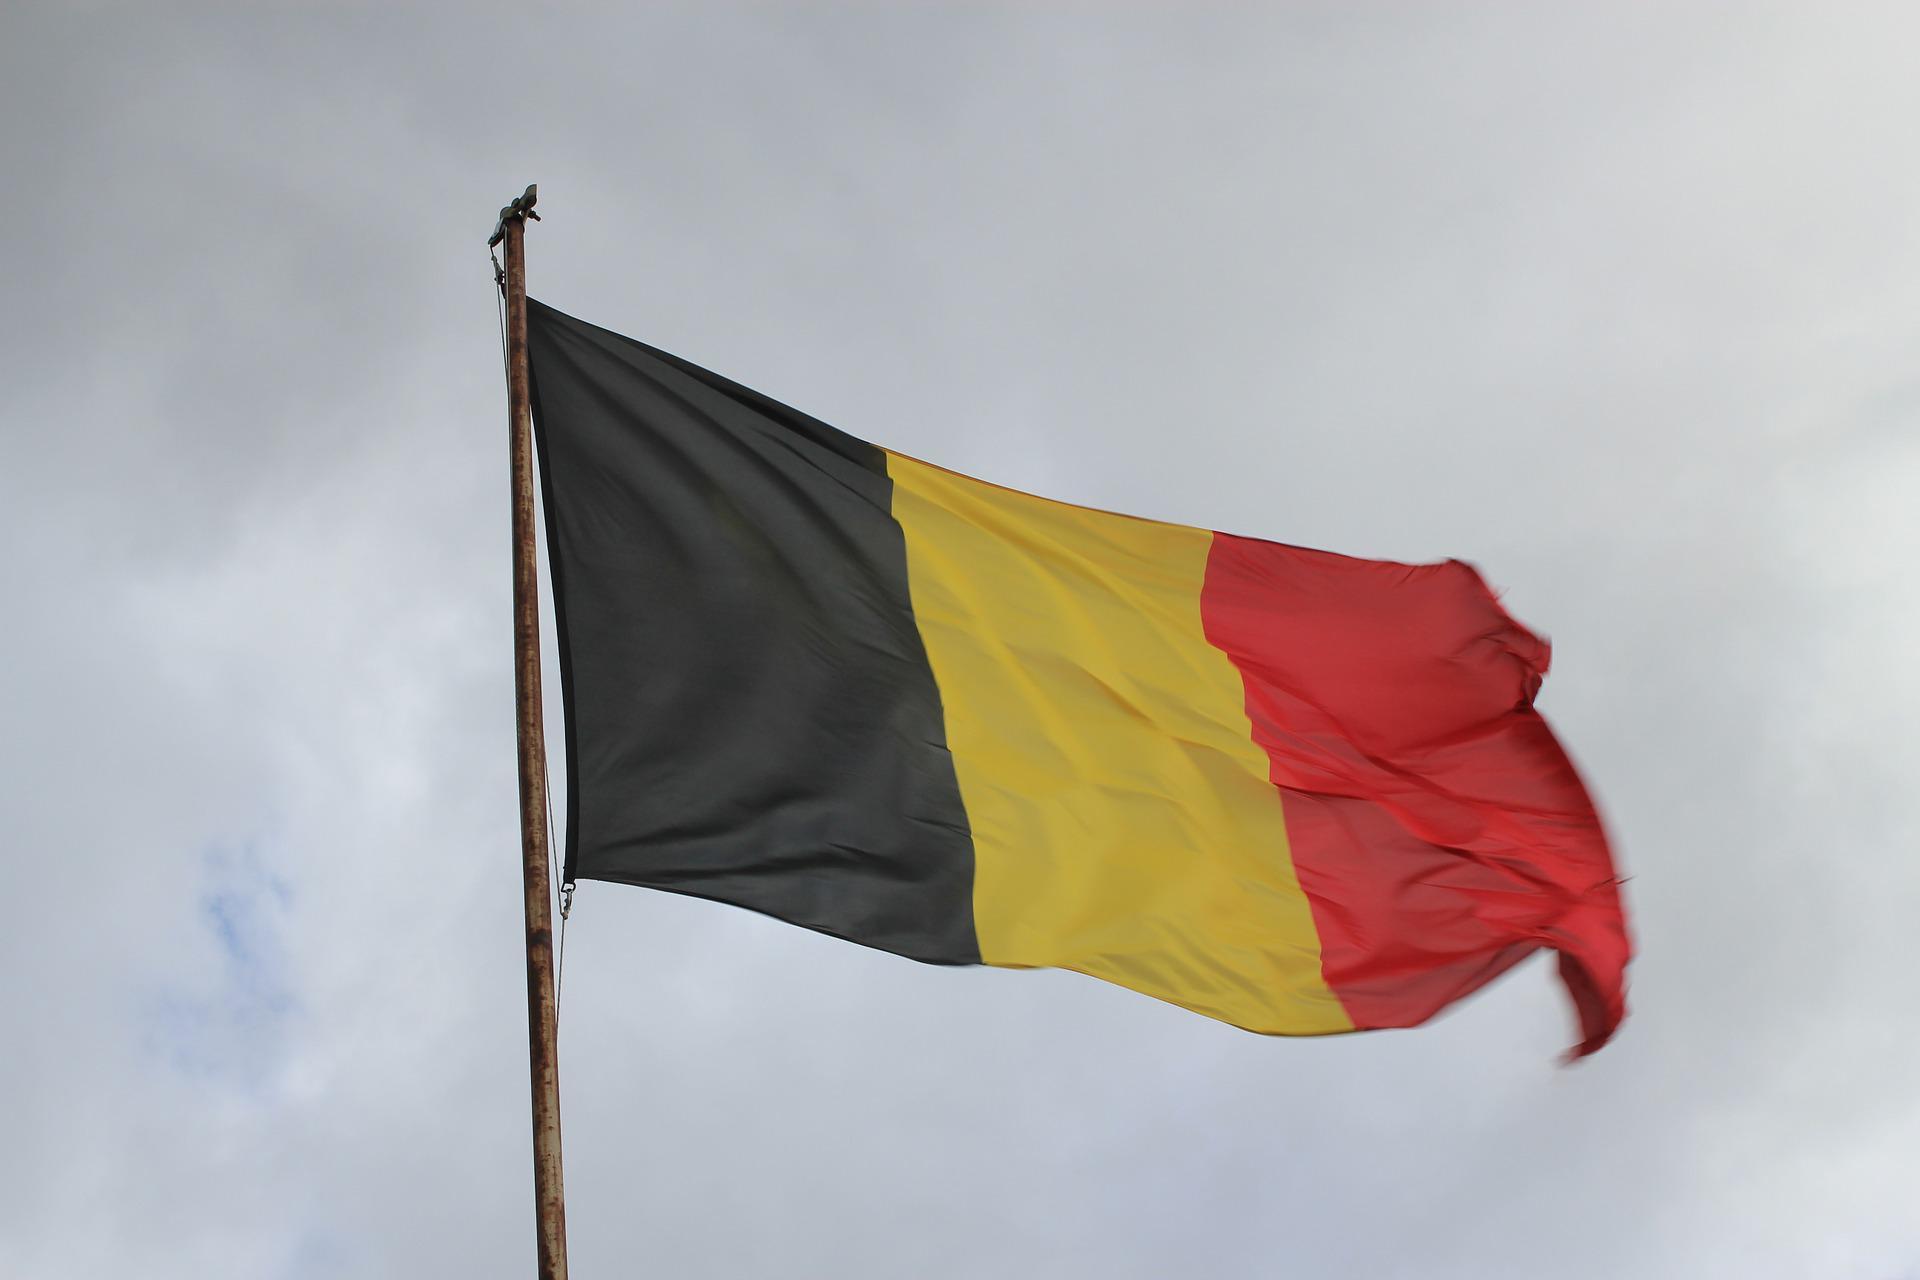 В Госдуму направлен законопроект о ратификации новой налоговой Конвенции между Россией и Бельгией